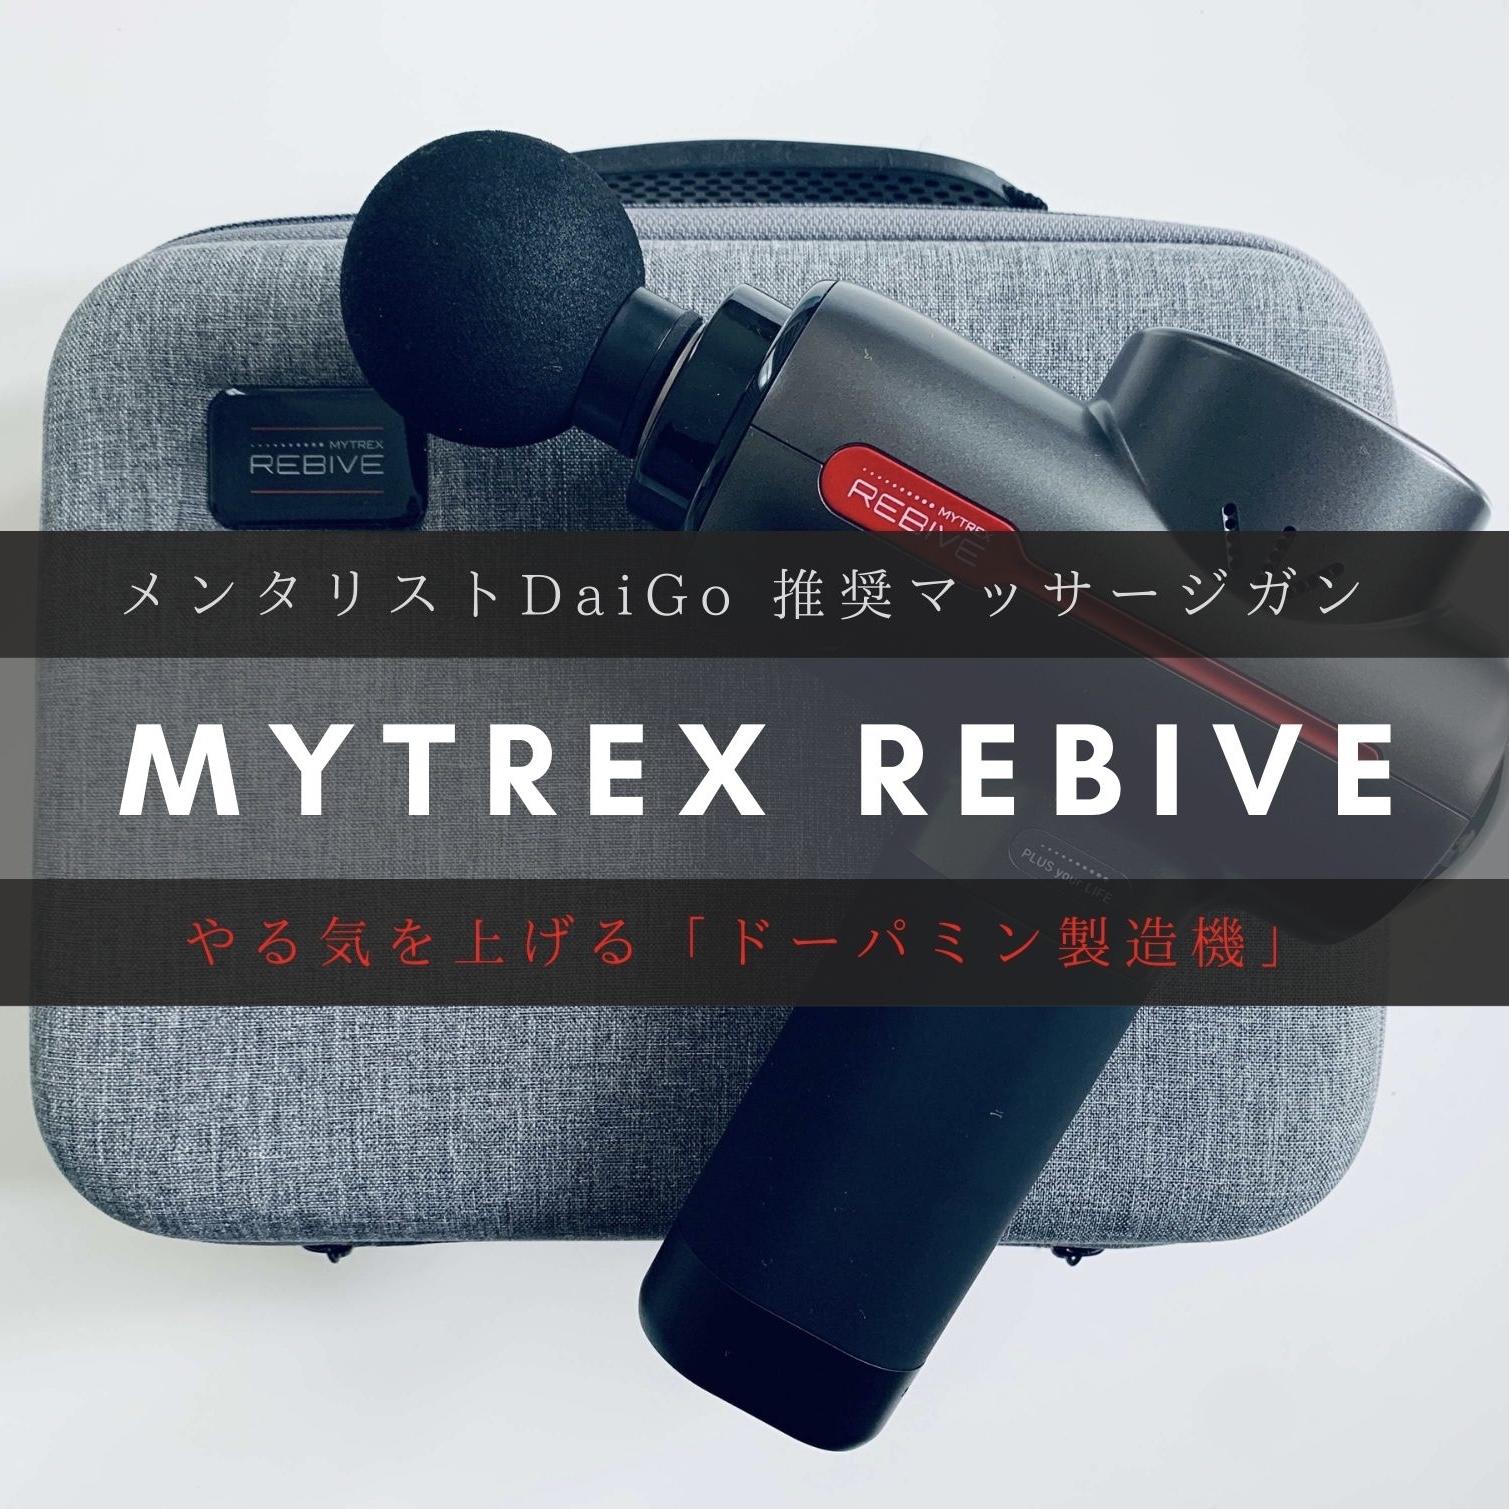 マッサージガン『MYTREX REBIVE(マイトレックスリバイブ)』